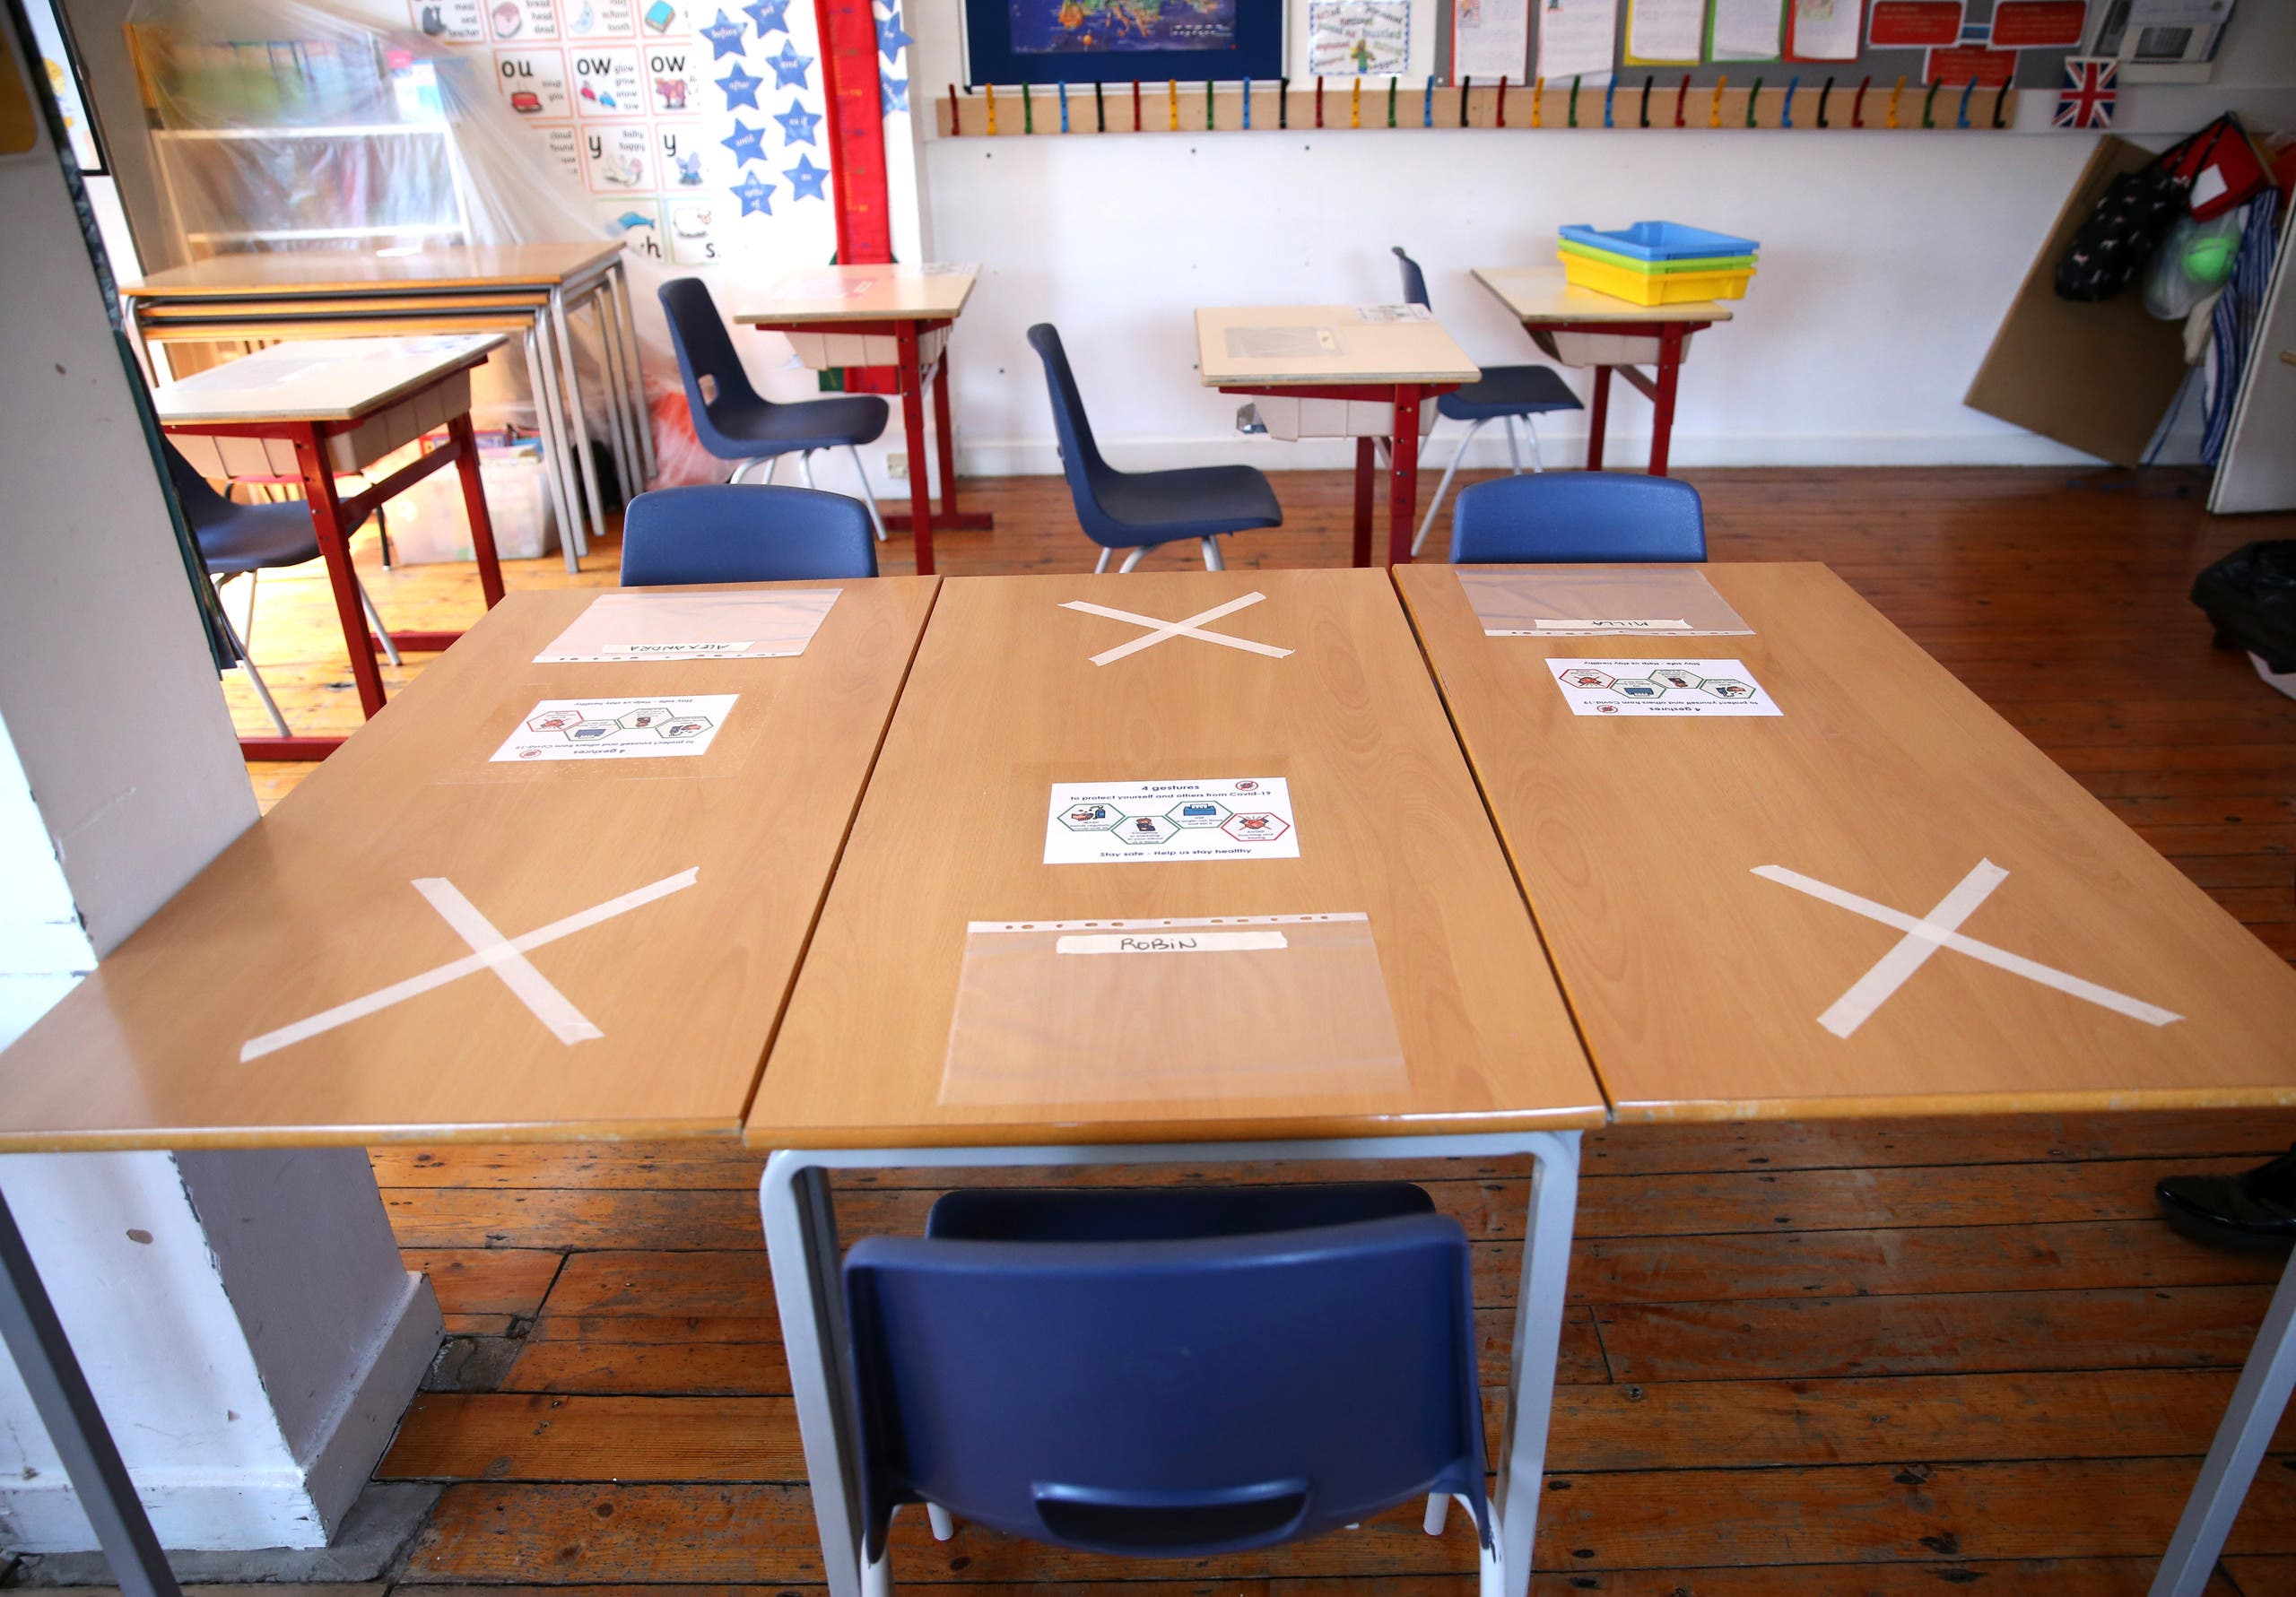 تباعد اجتماعي في إحدى مدارس لندن